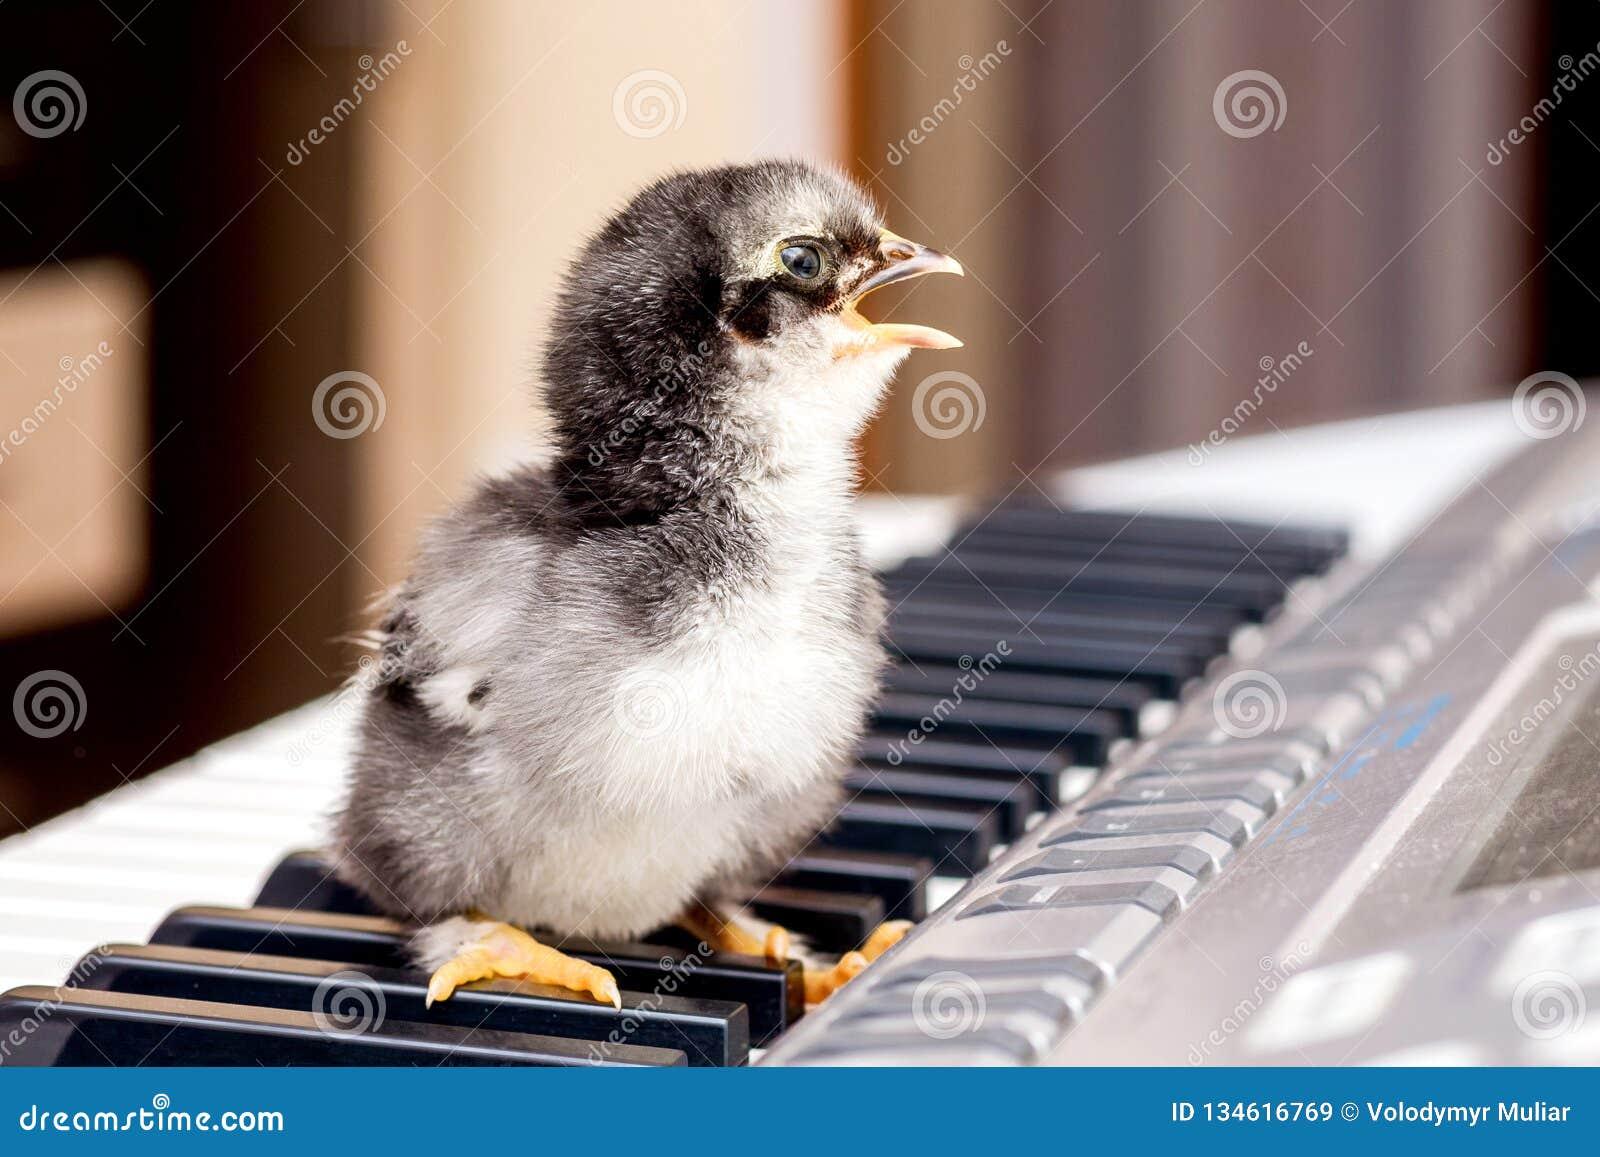 Kleine kip met een open bek op de pianosleutels Het uitvoeren van een lied De eerste stappen in music_